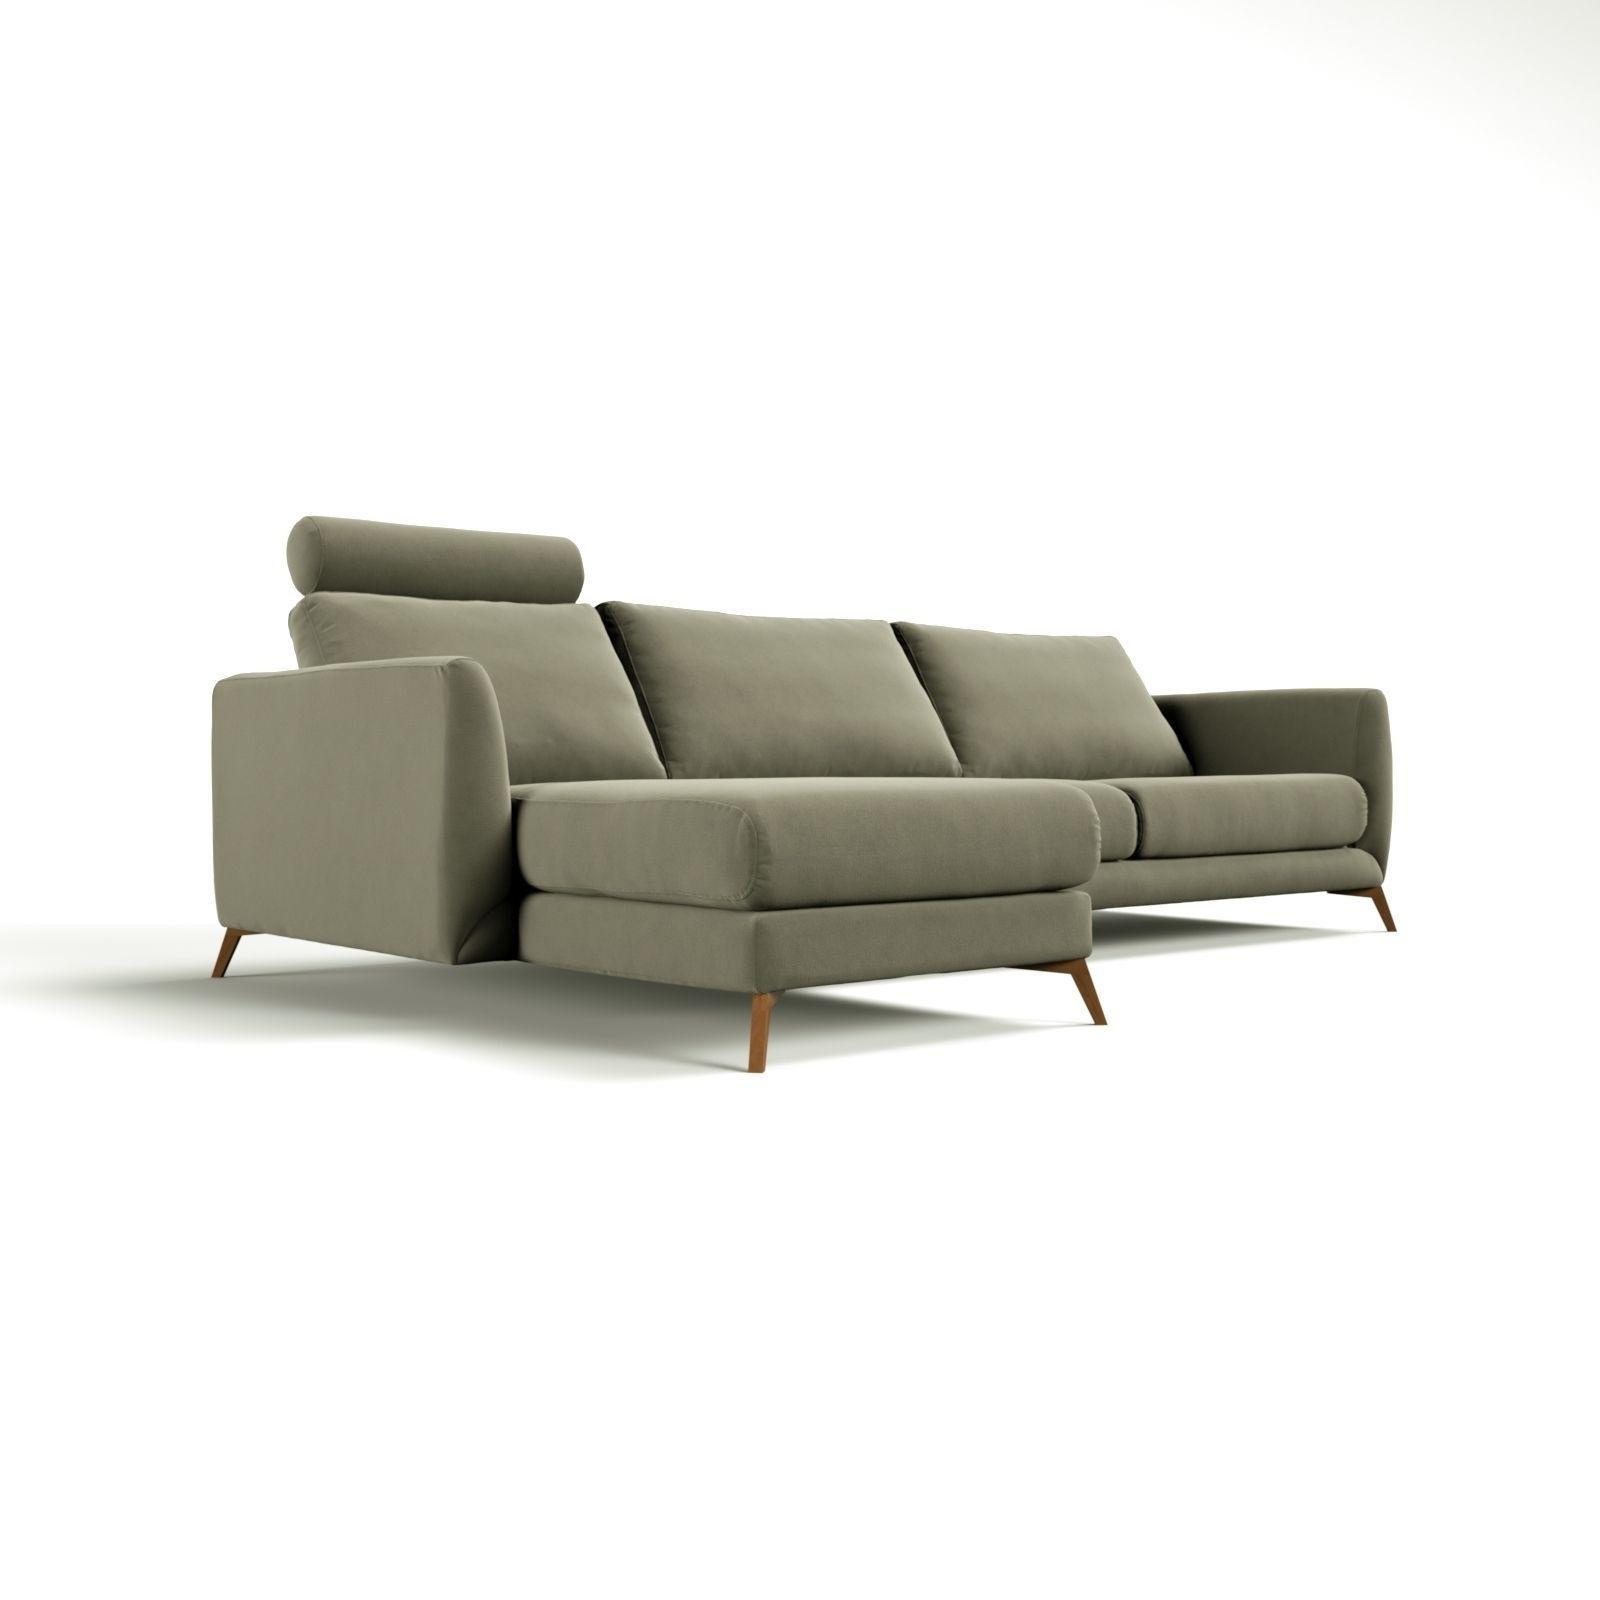 boconcept fargo sofa 3d model max. Black Bedroom Furniture Sets. Home Design Ideas